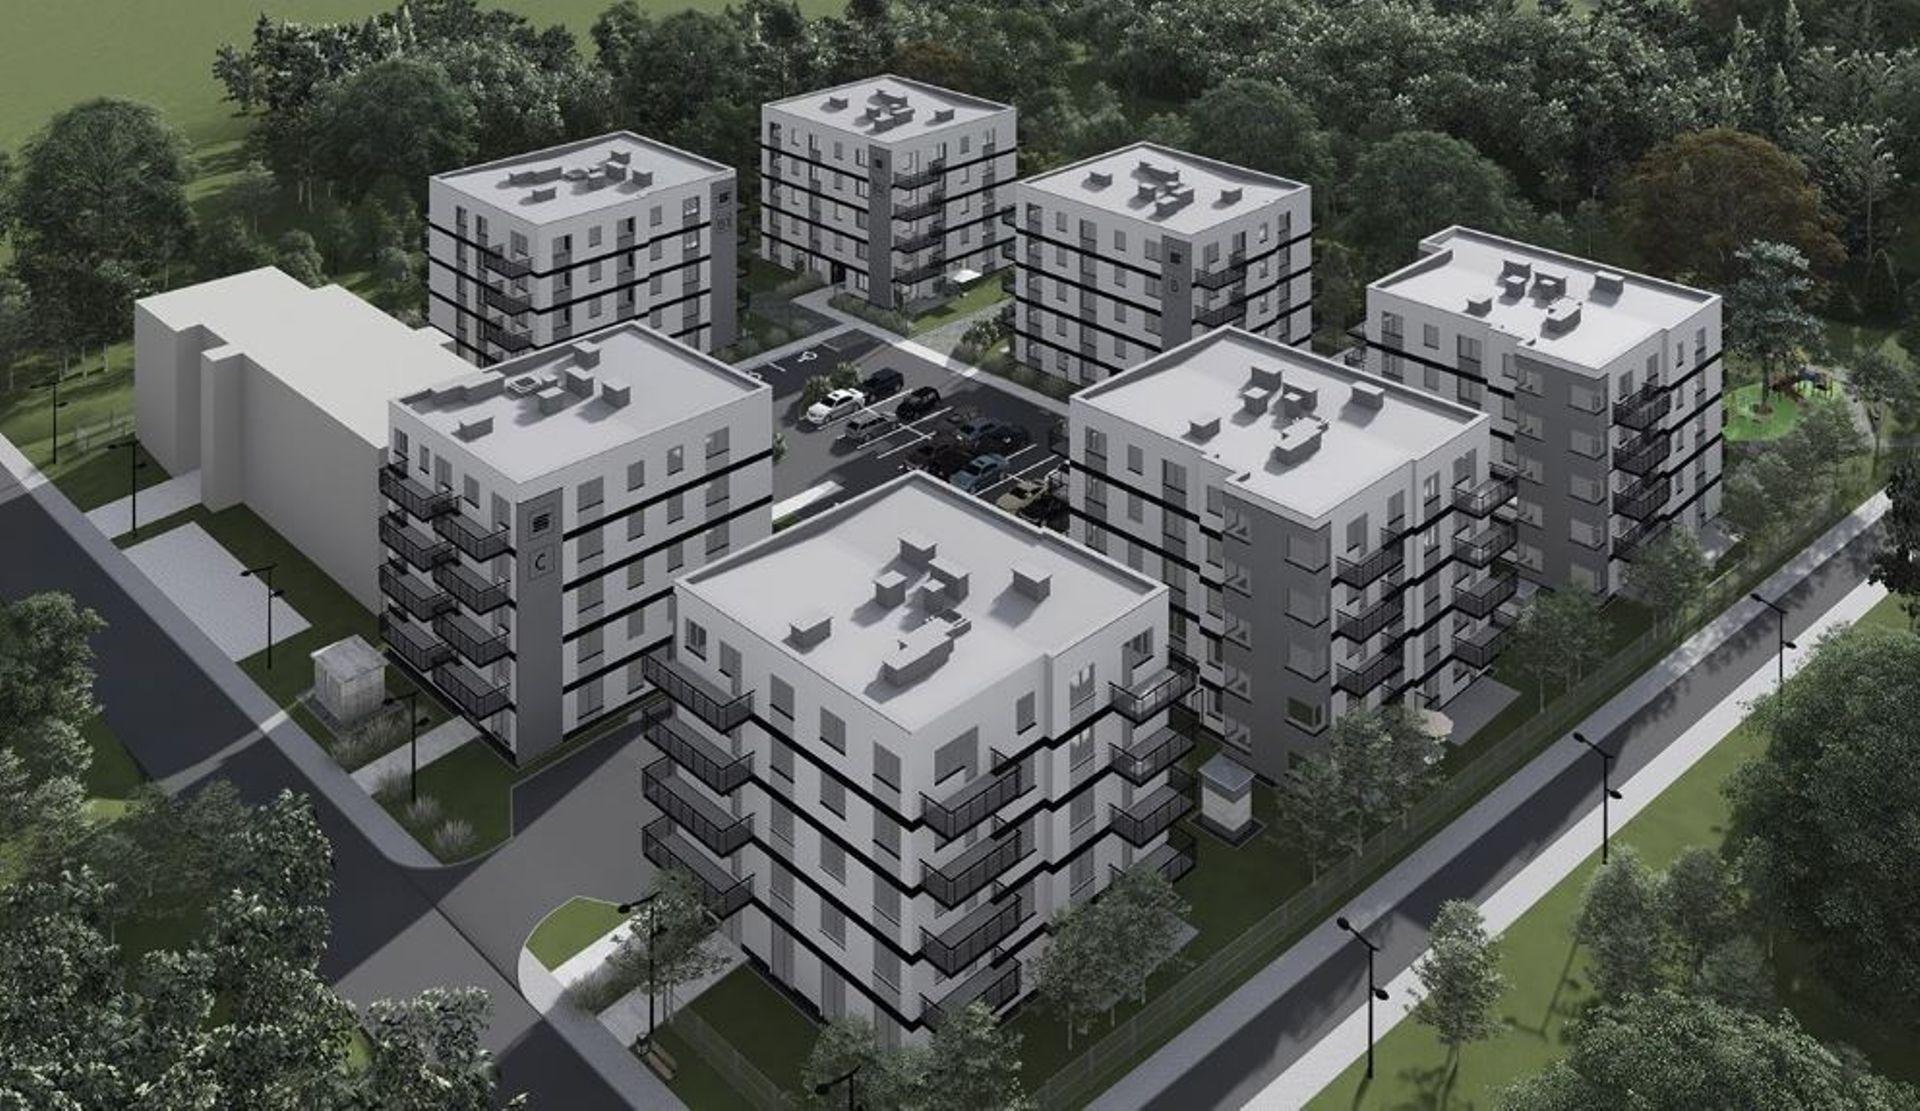 FB Antczak zrealizuje nową inwestycję mieszkaniową na poznańskim Junikowie